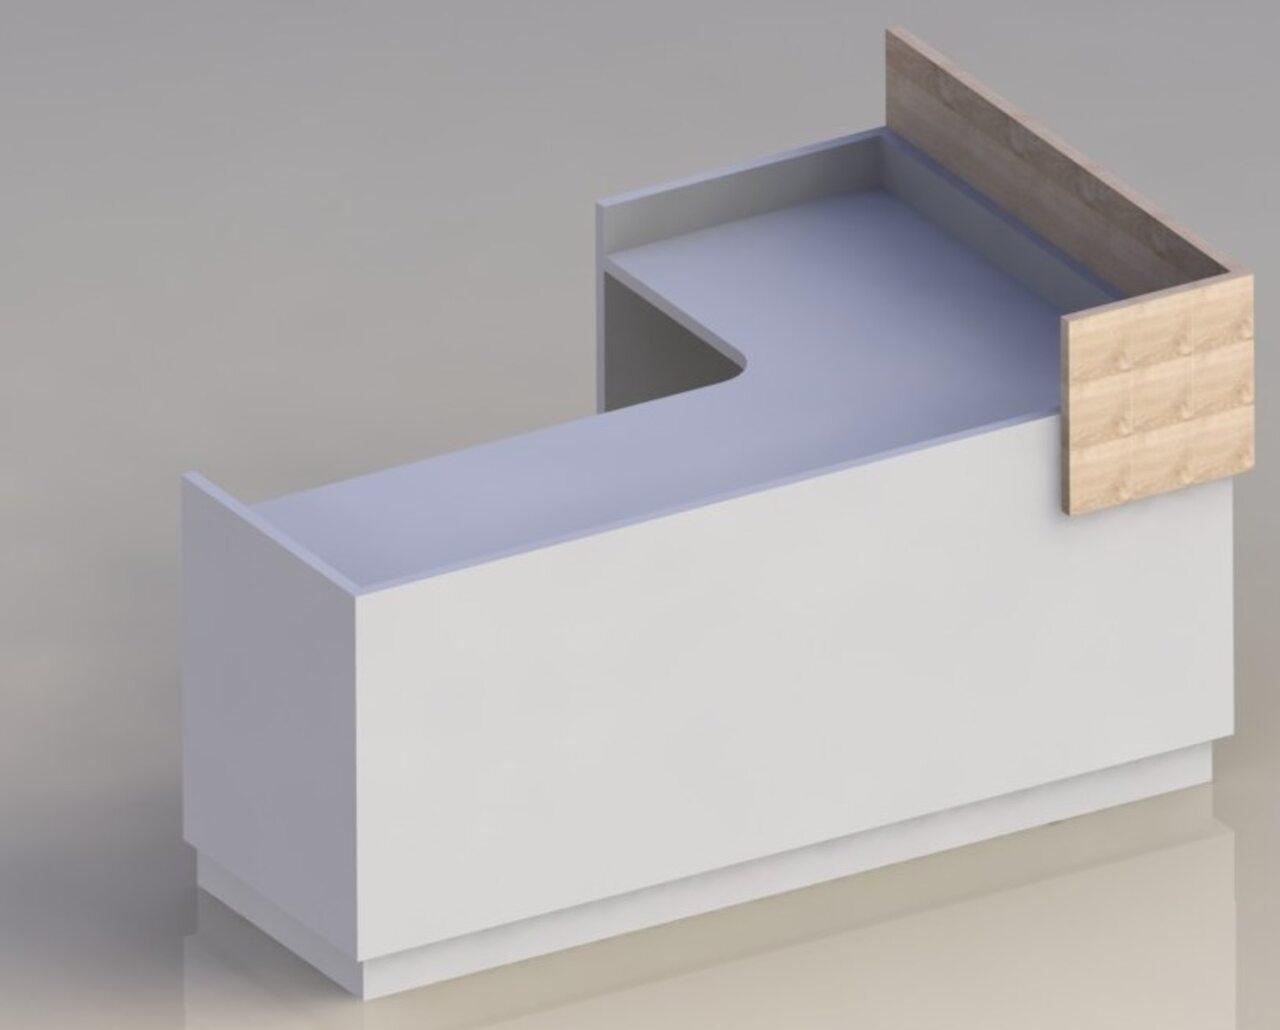 Мебель для приемной Смарт - фото 3